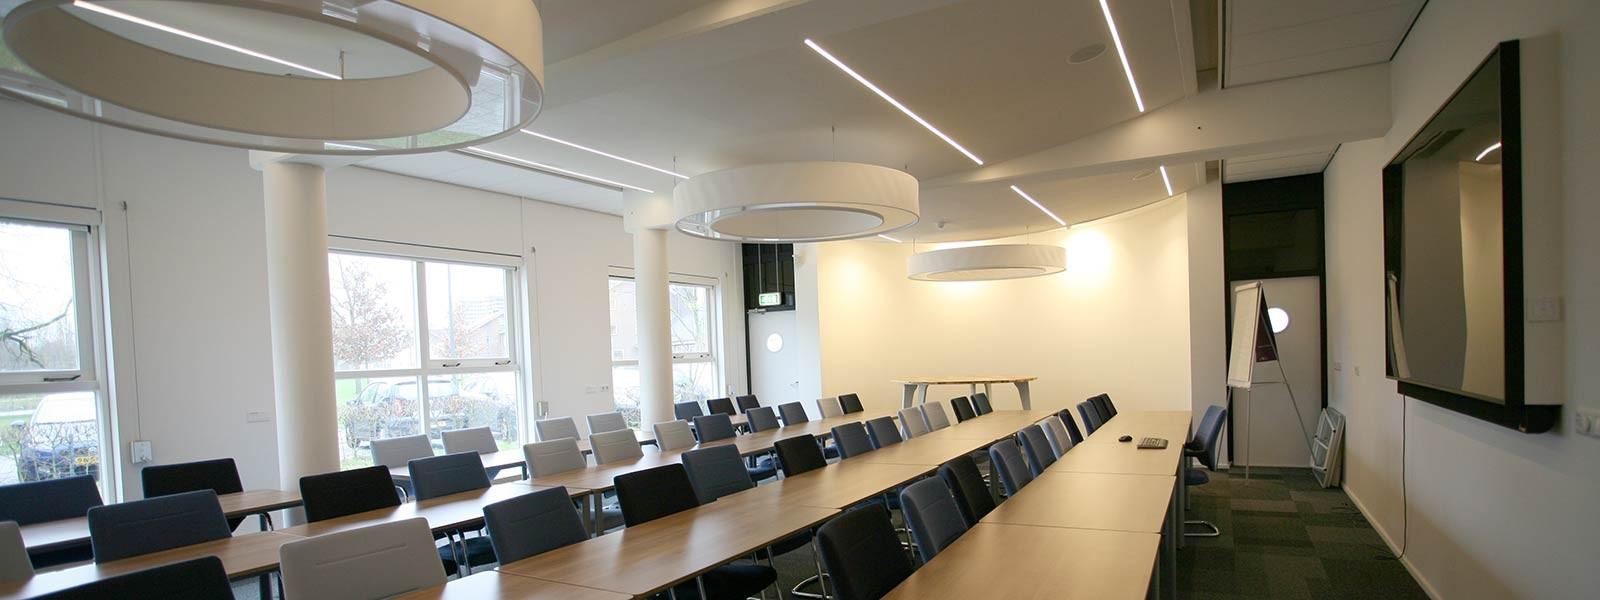 Vergader- en presentatiezaal